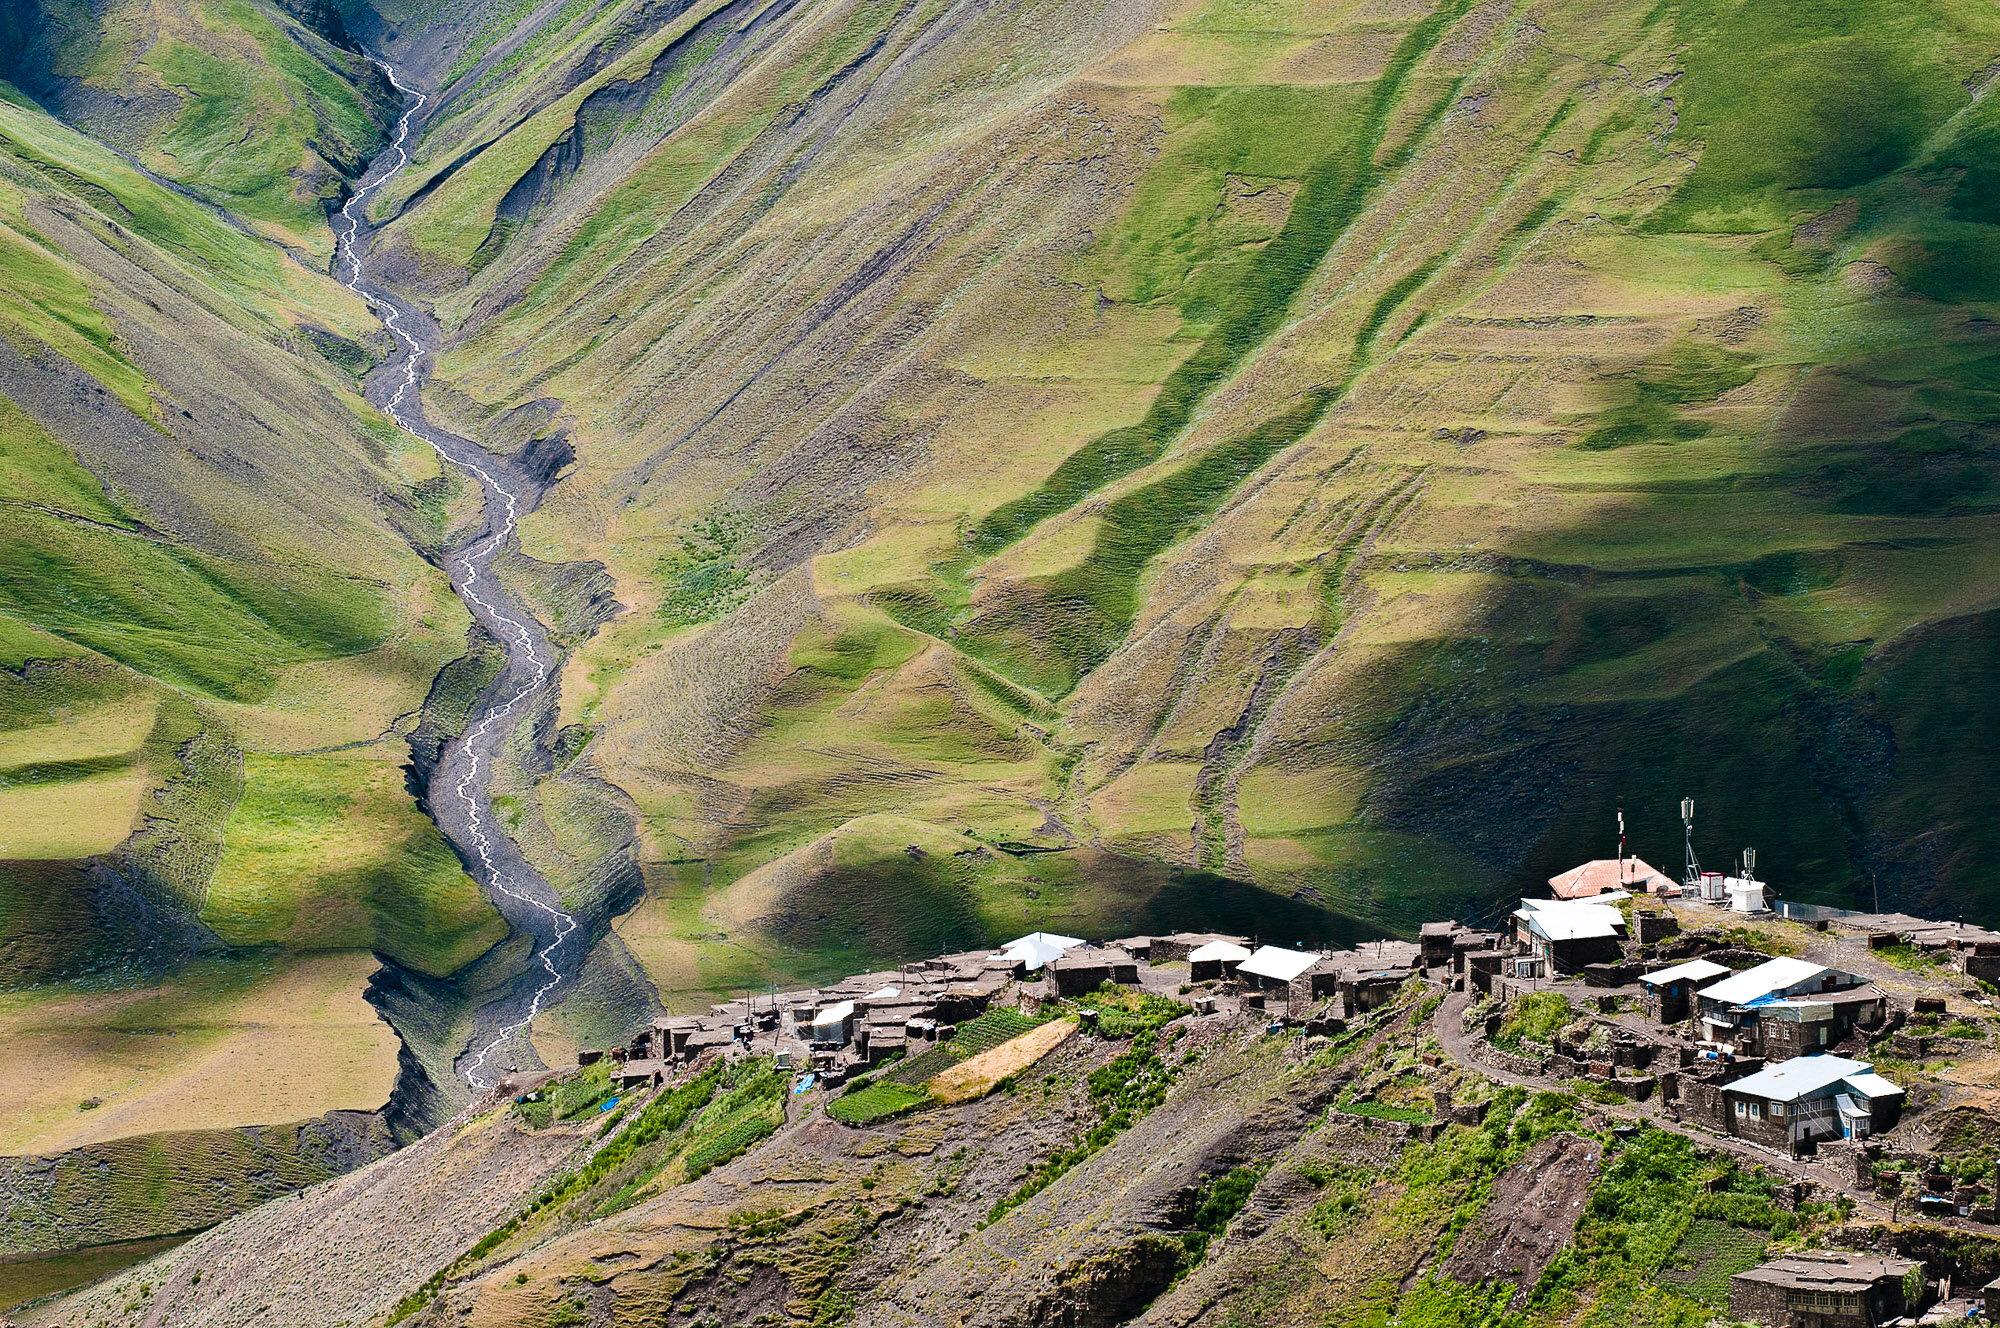 Xinaliq, Azerbaijan. © www.thomaspickard.com